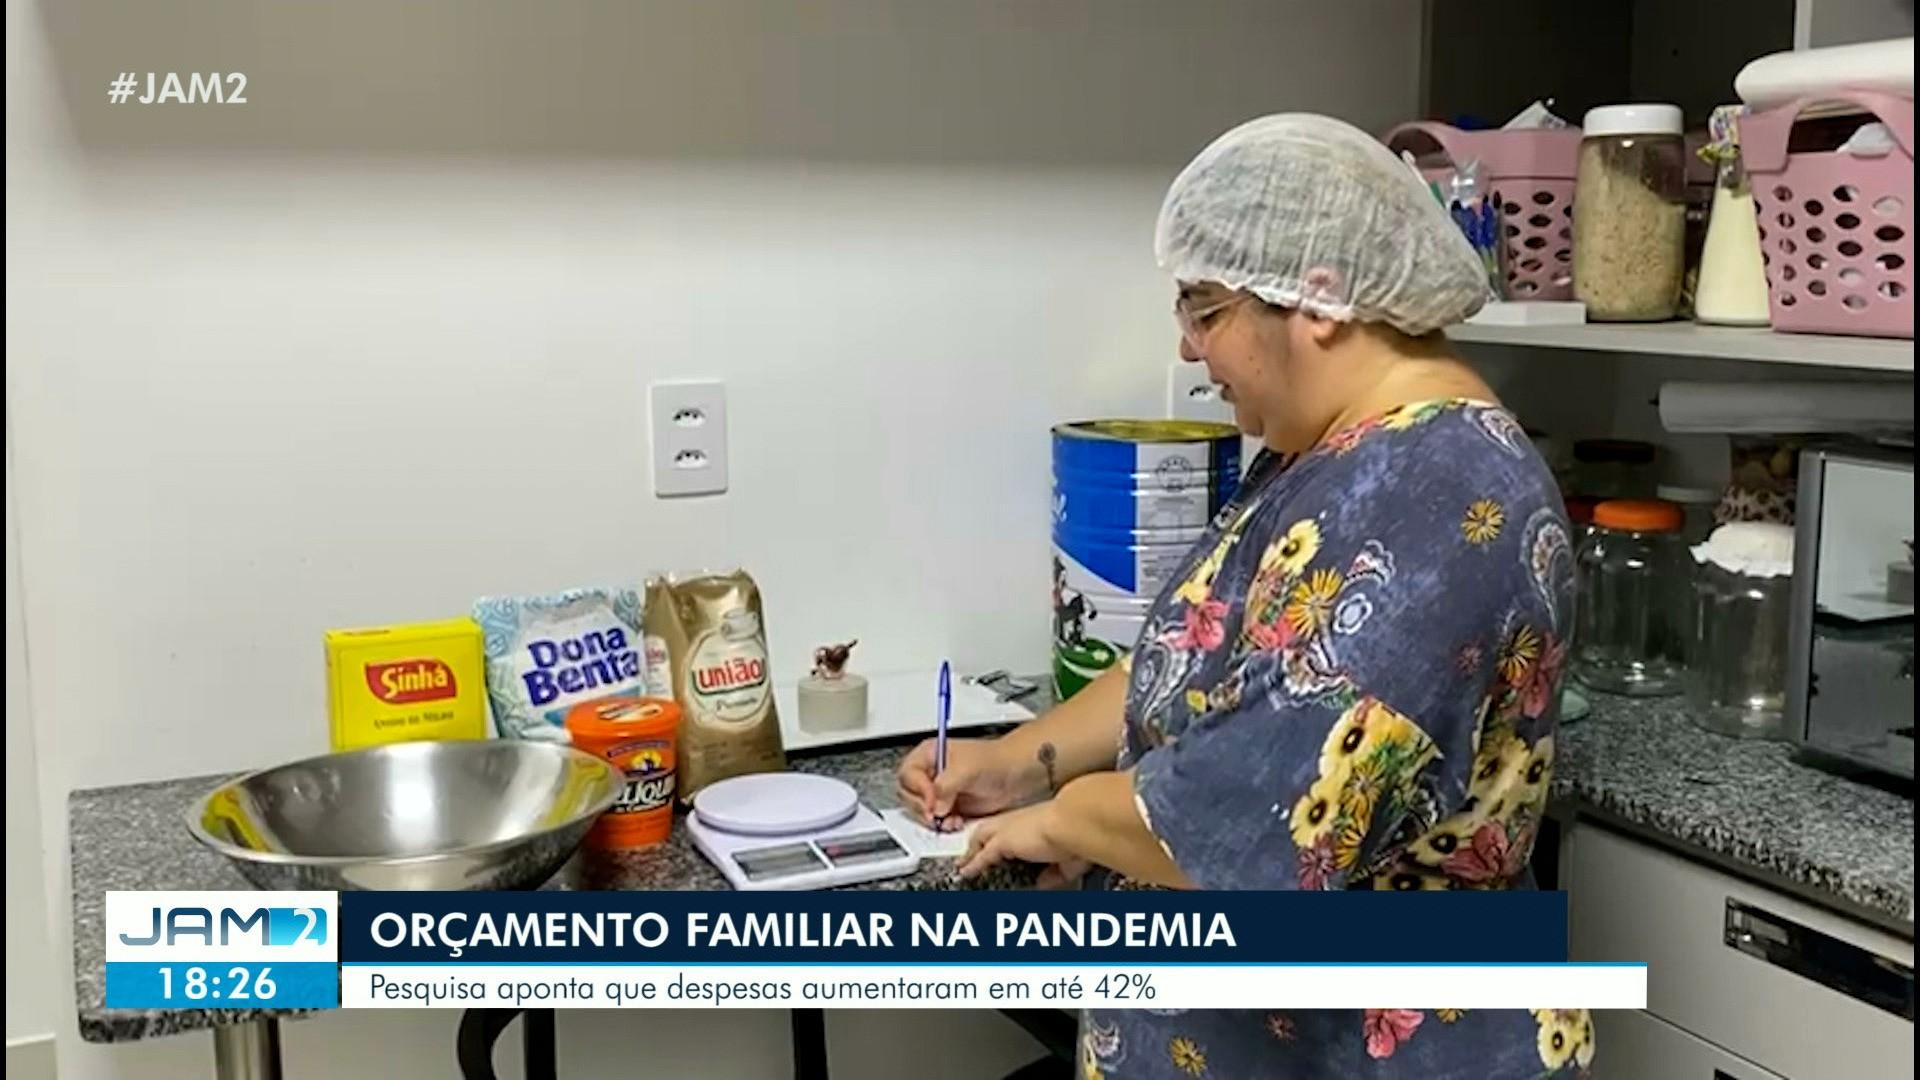 VÍDEOS: Pesquisa aponta que despesas familiares aumentaram na pandemia; veja destaques do JAM 2